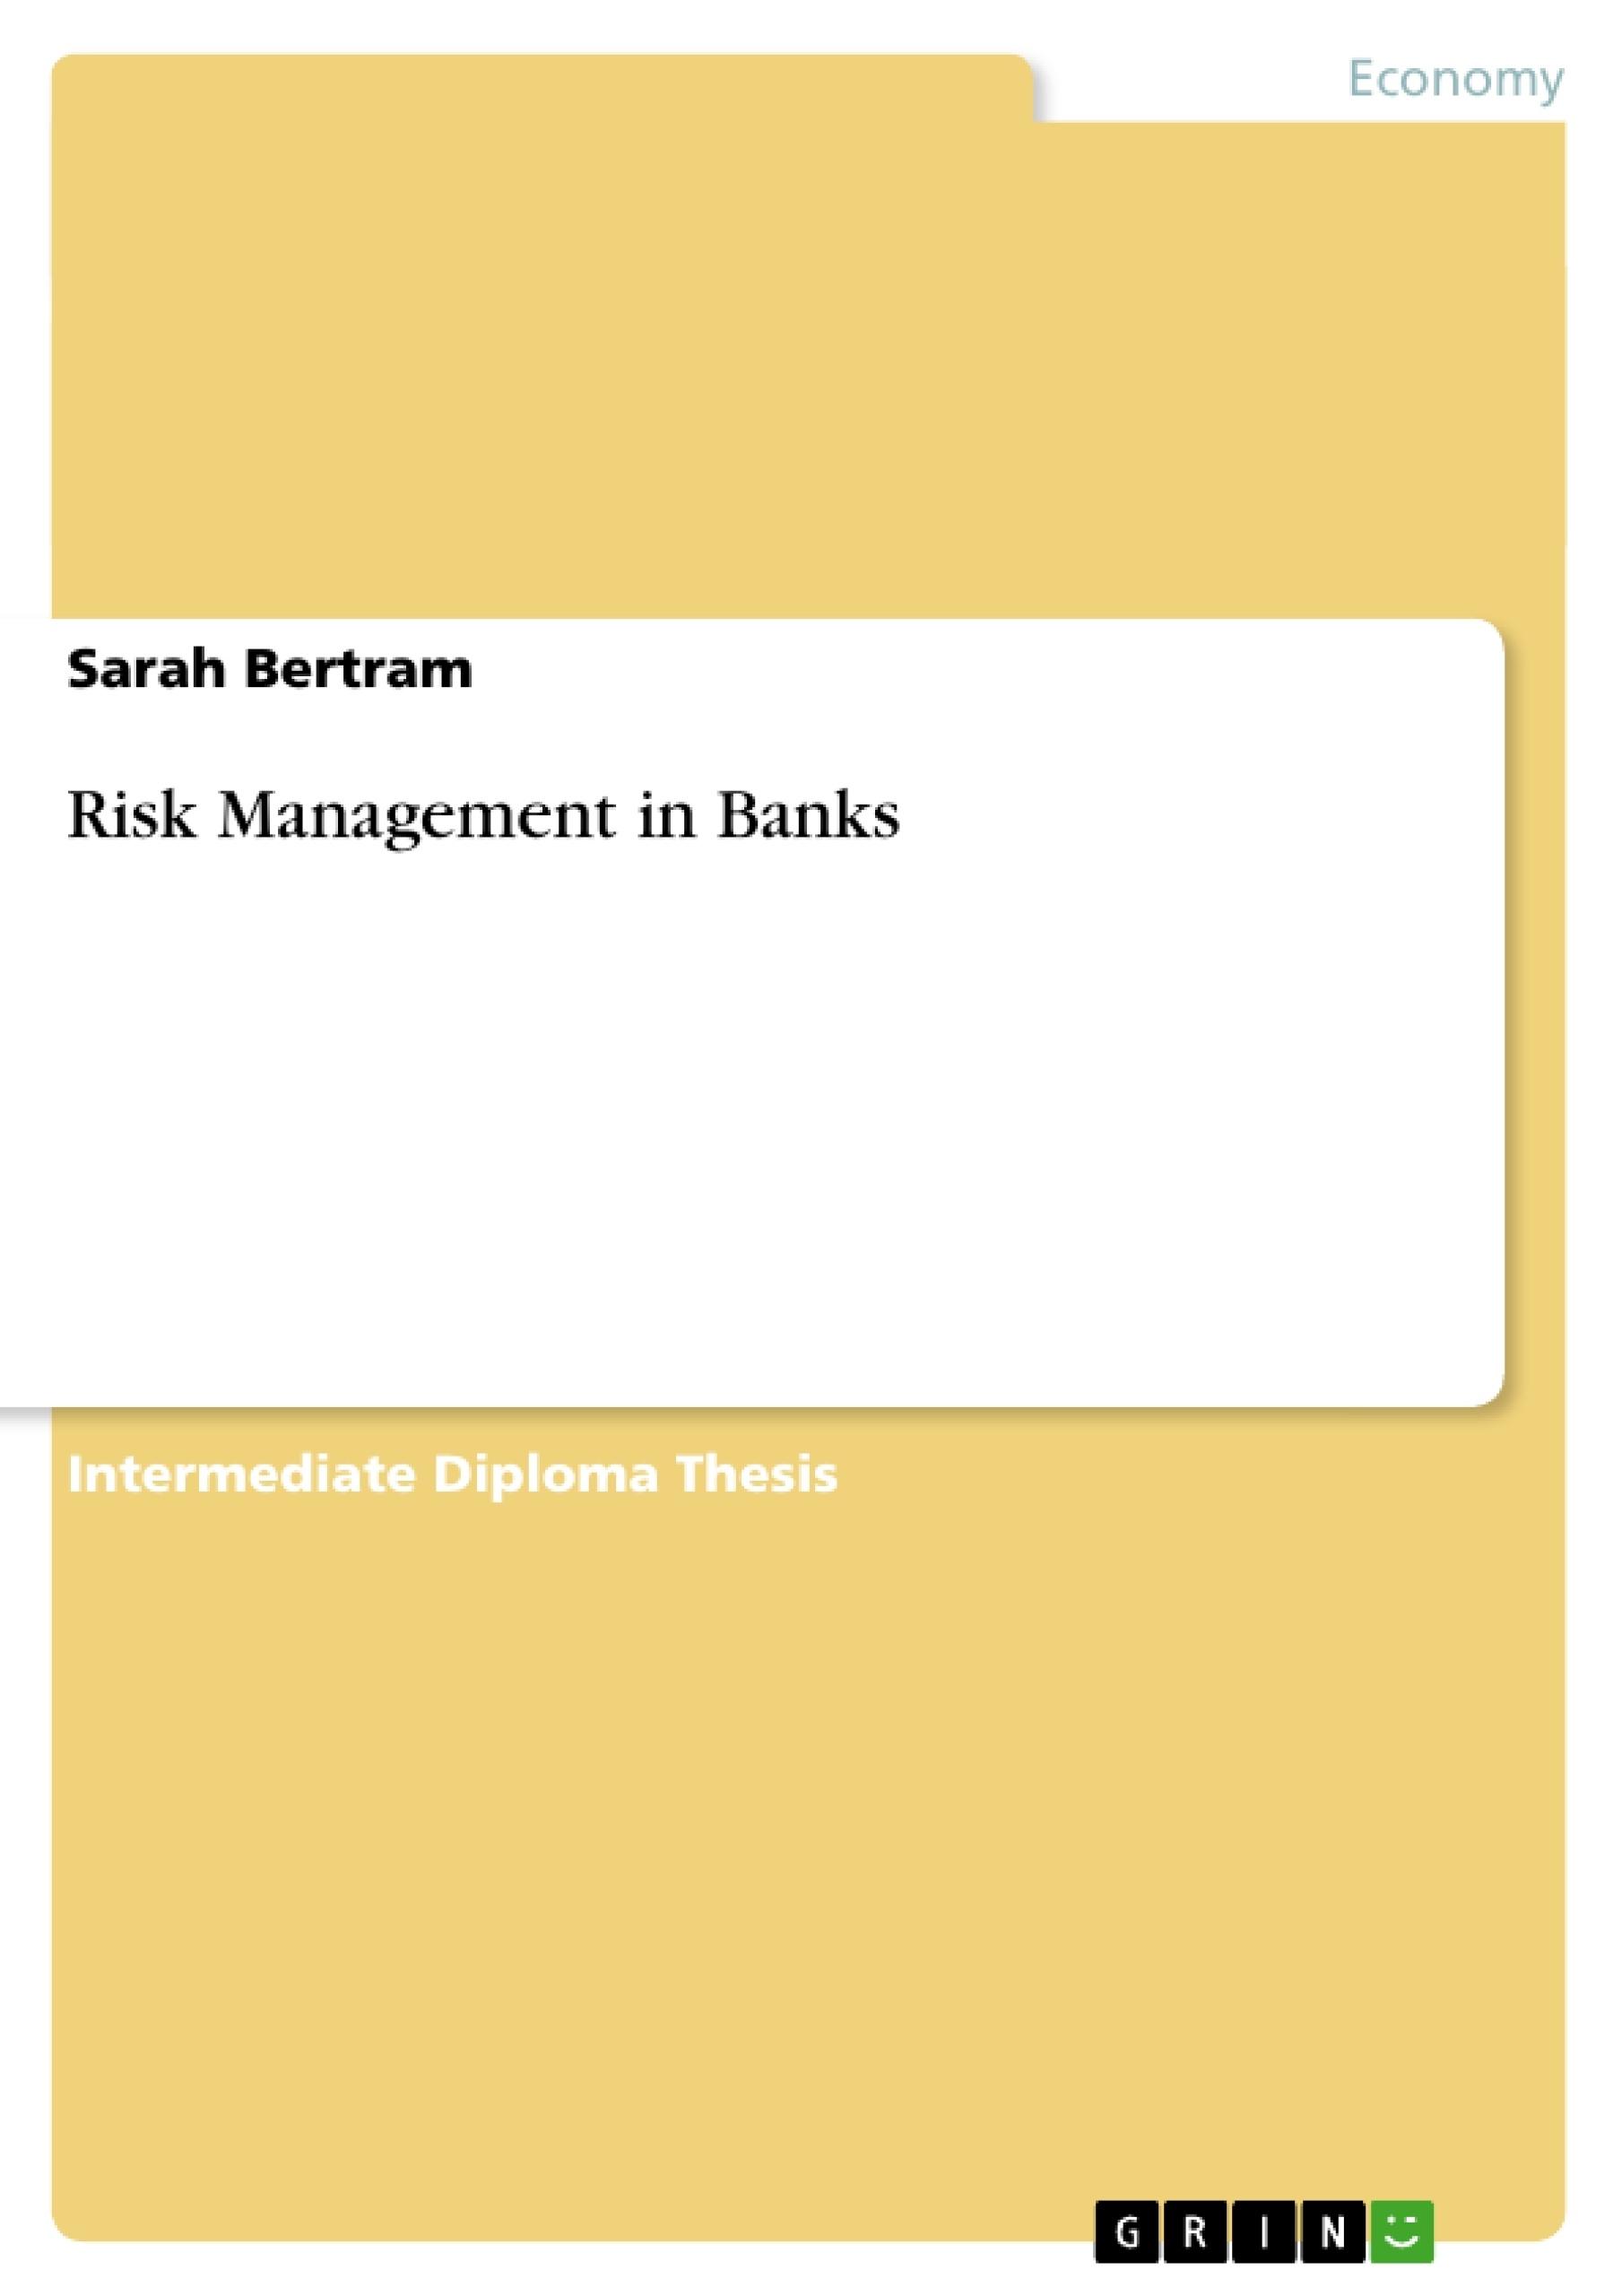 Title: Risk Management in Banks